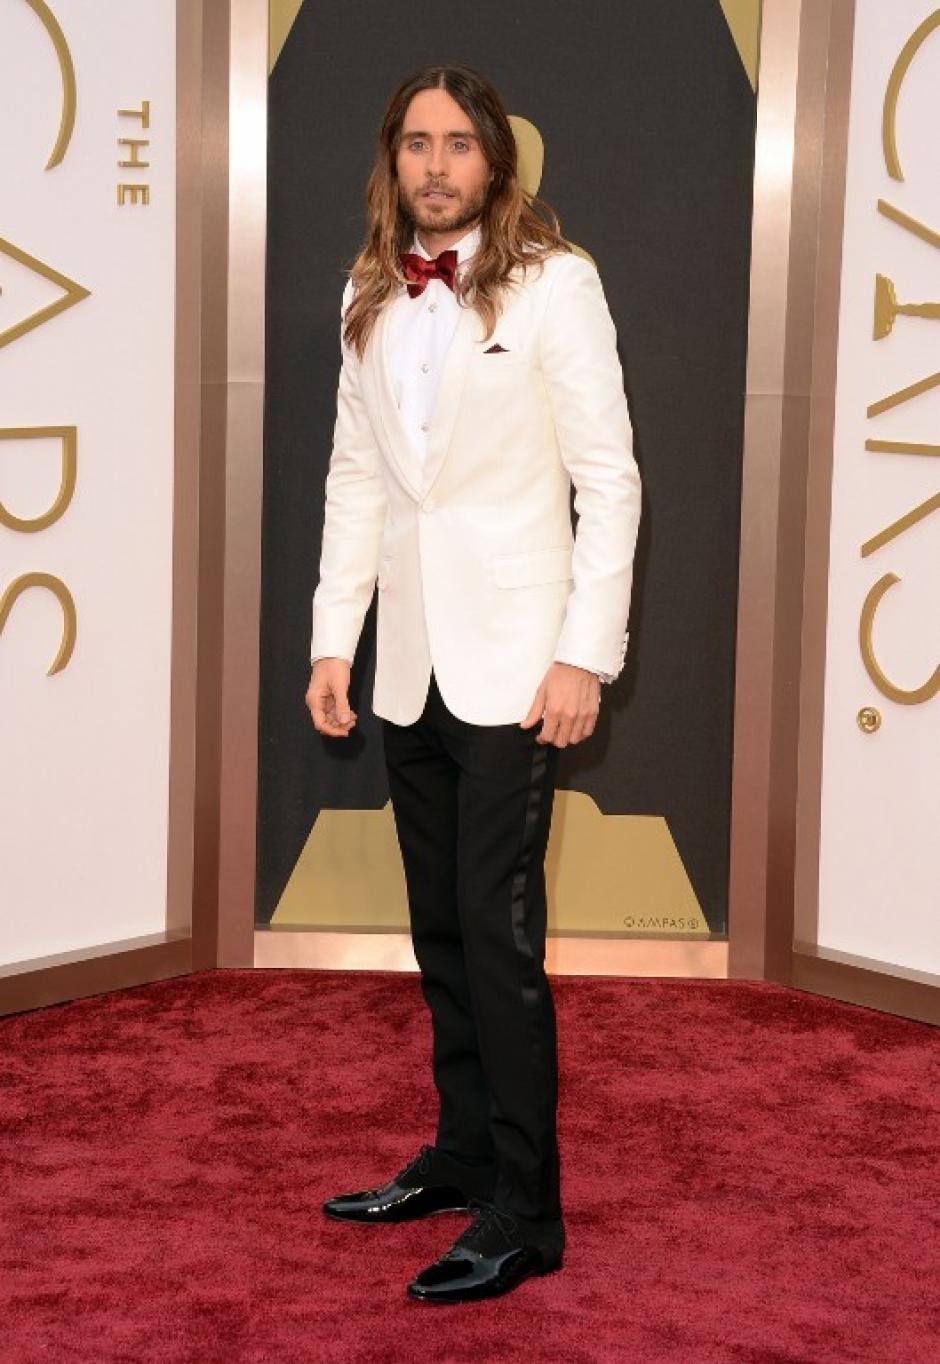 Jared Leto escogió un traje un poco menos tradicional con corbatin rojo. (Foto: AFP)